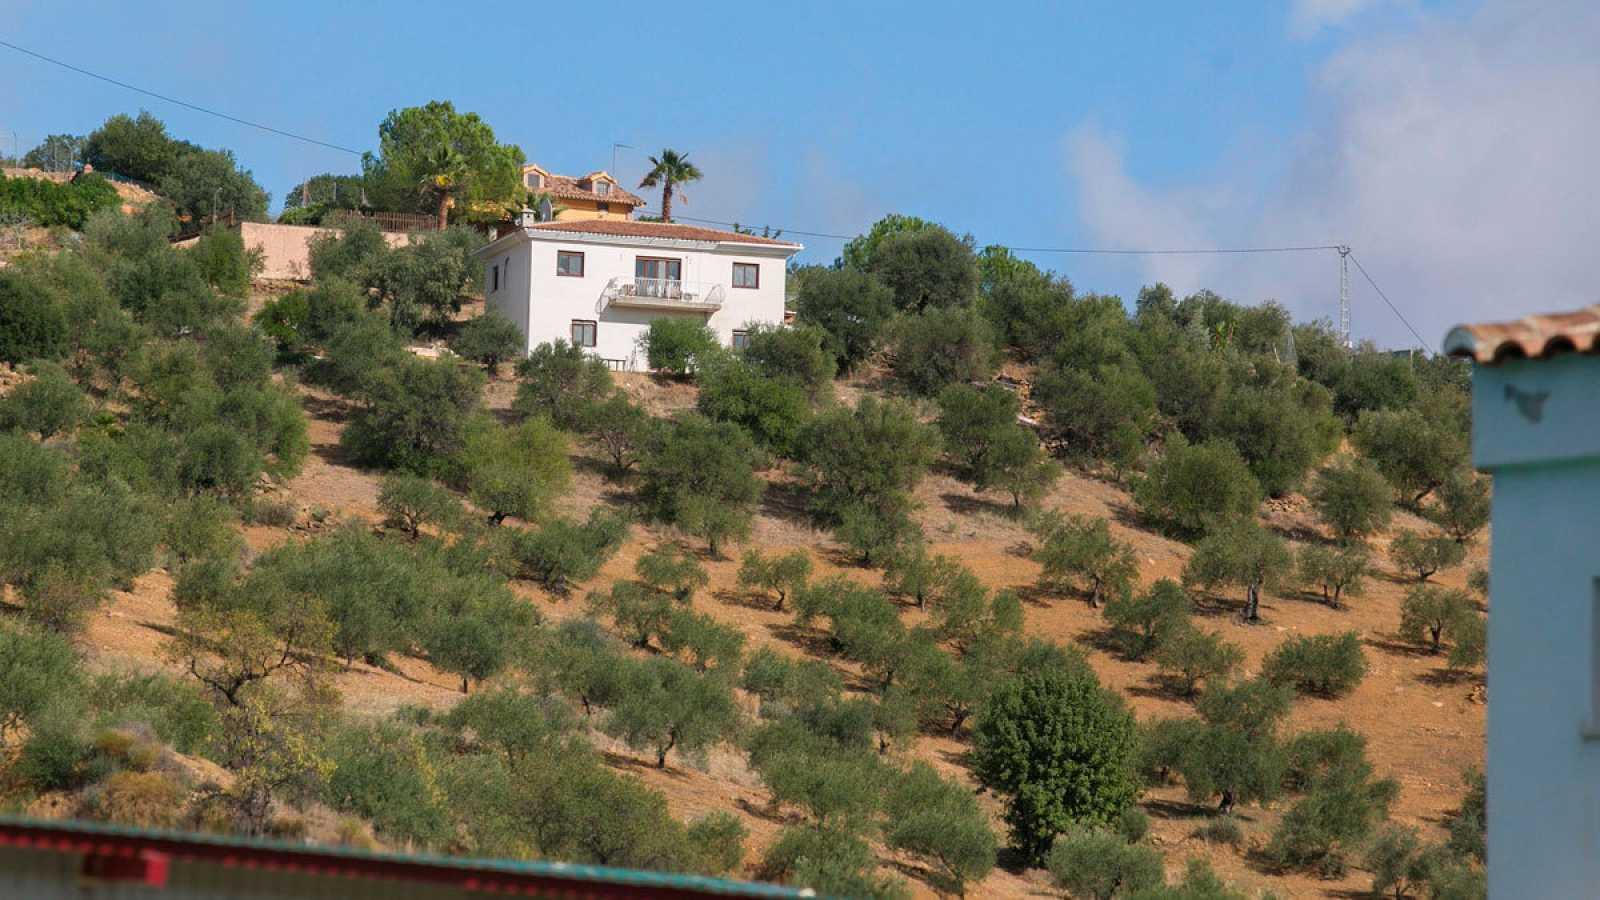 Bélgica el sospechoso del asesinato de una mujer en Tolox (Málaga)